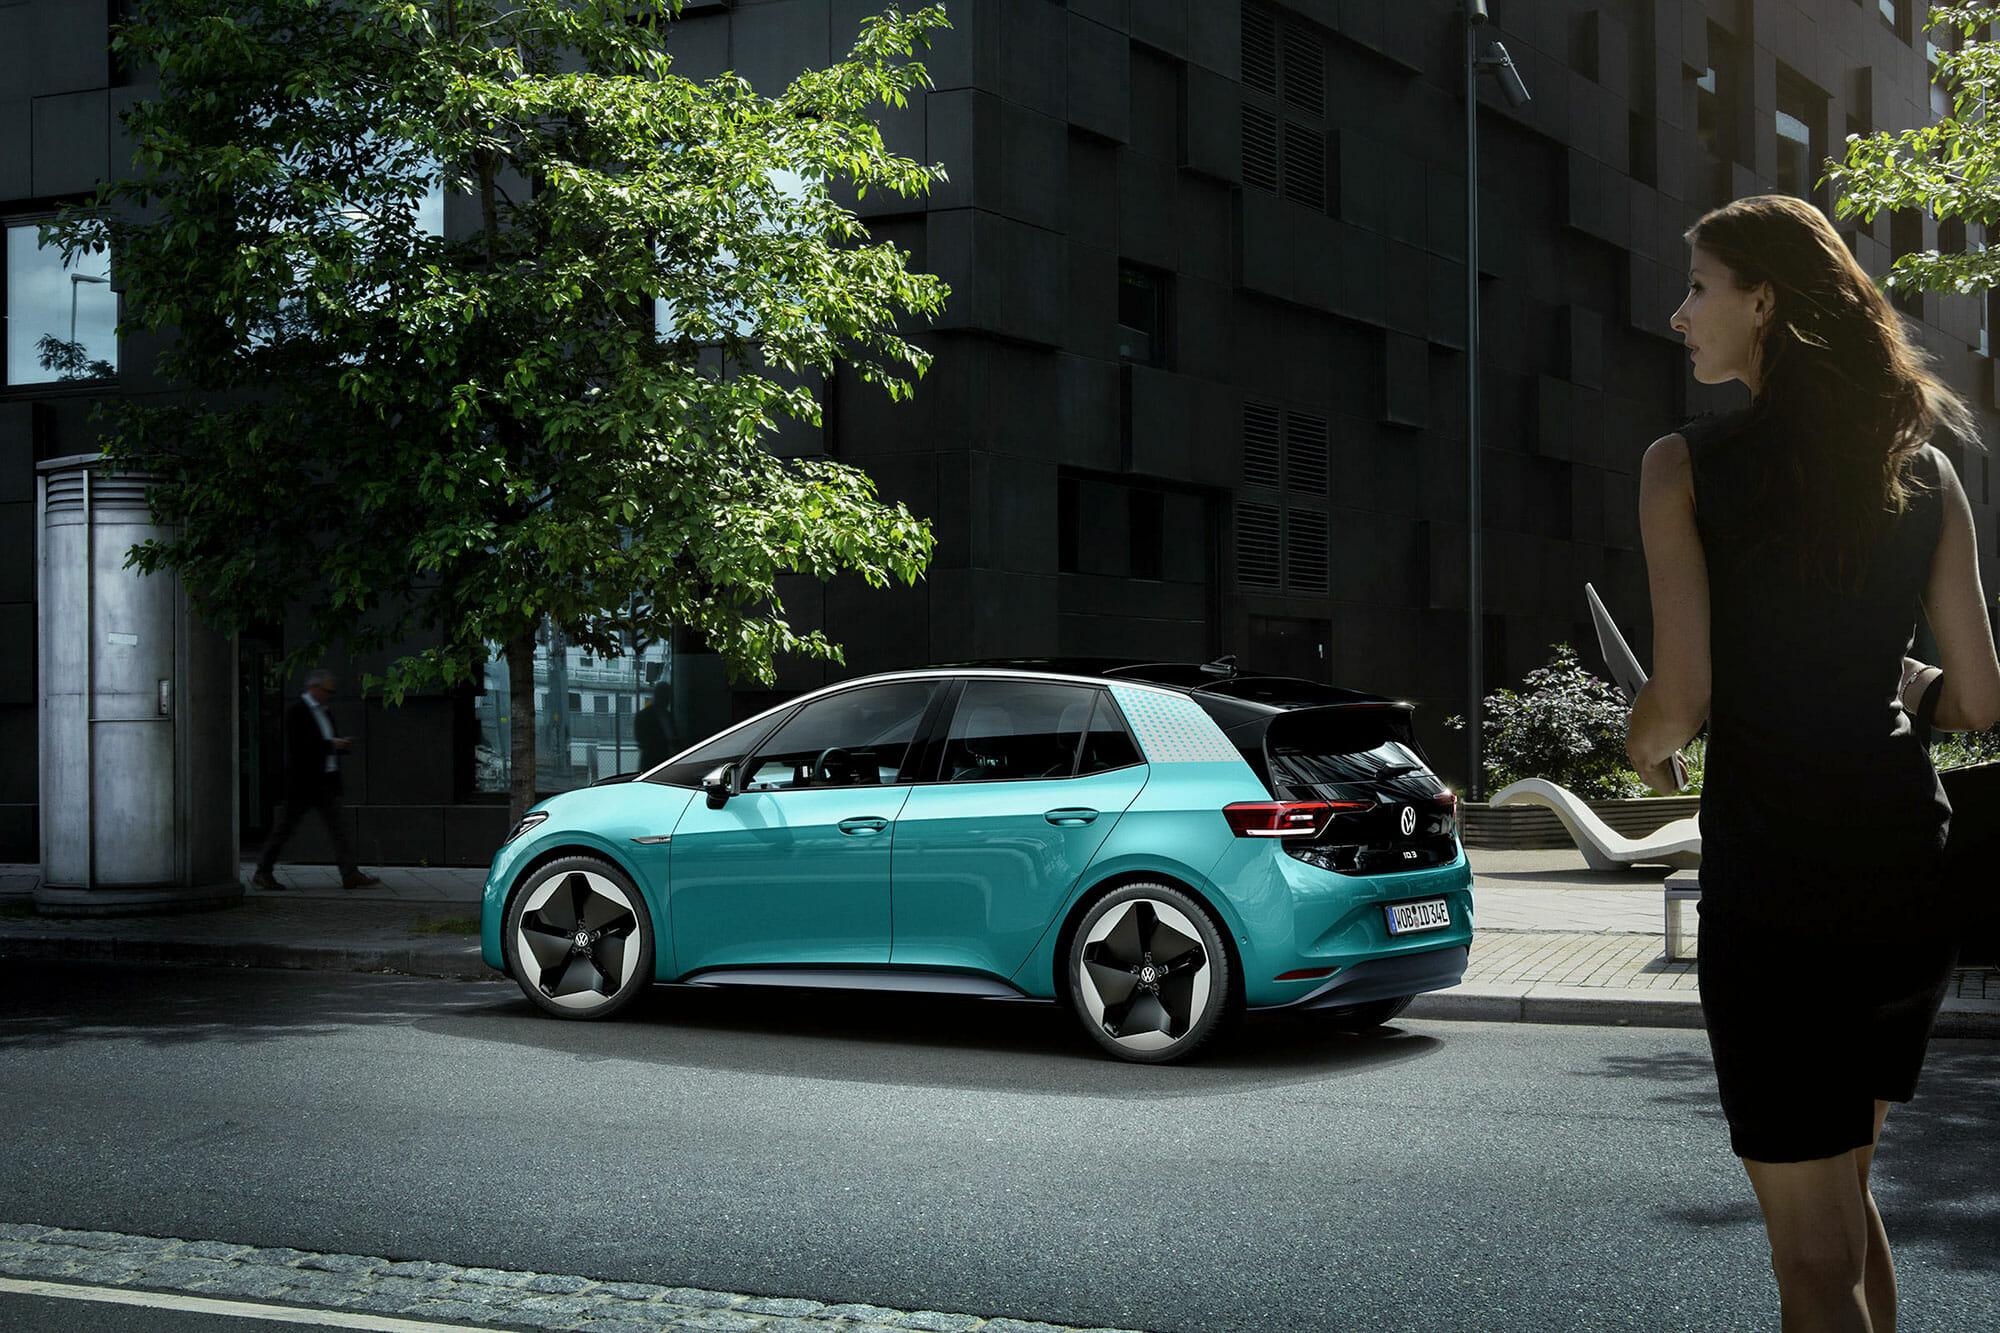 フォルクスワーゲン『ID.3 1st』発表〜電気自動車が大衆車になる時代の先駆けか